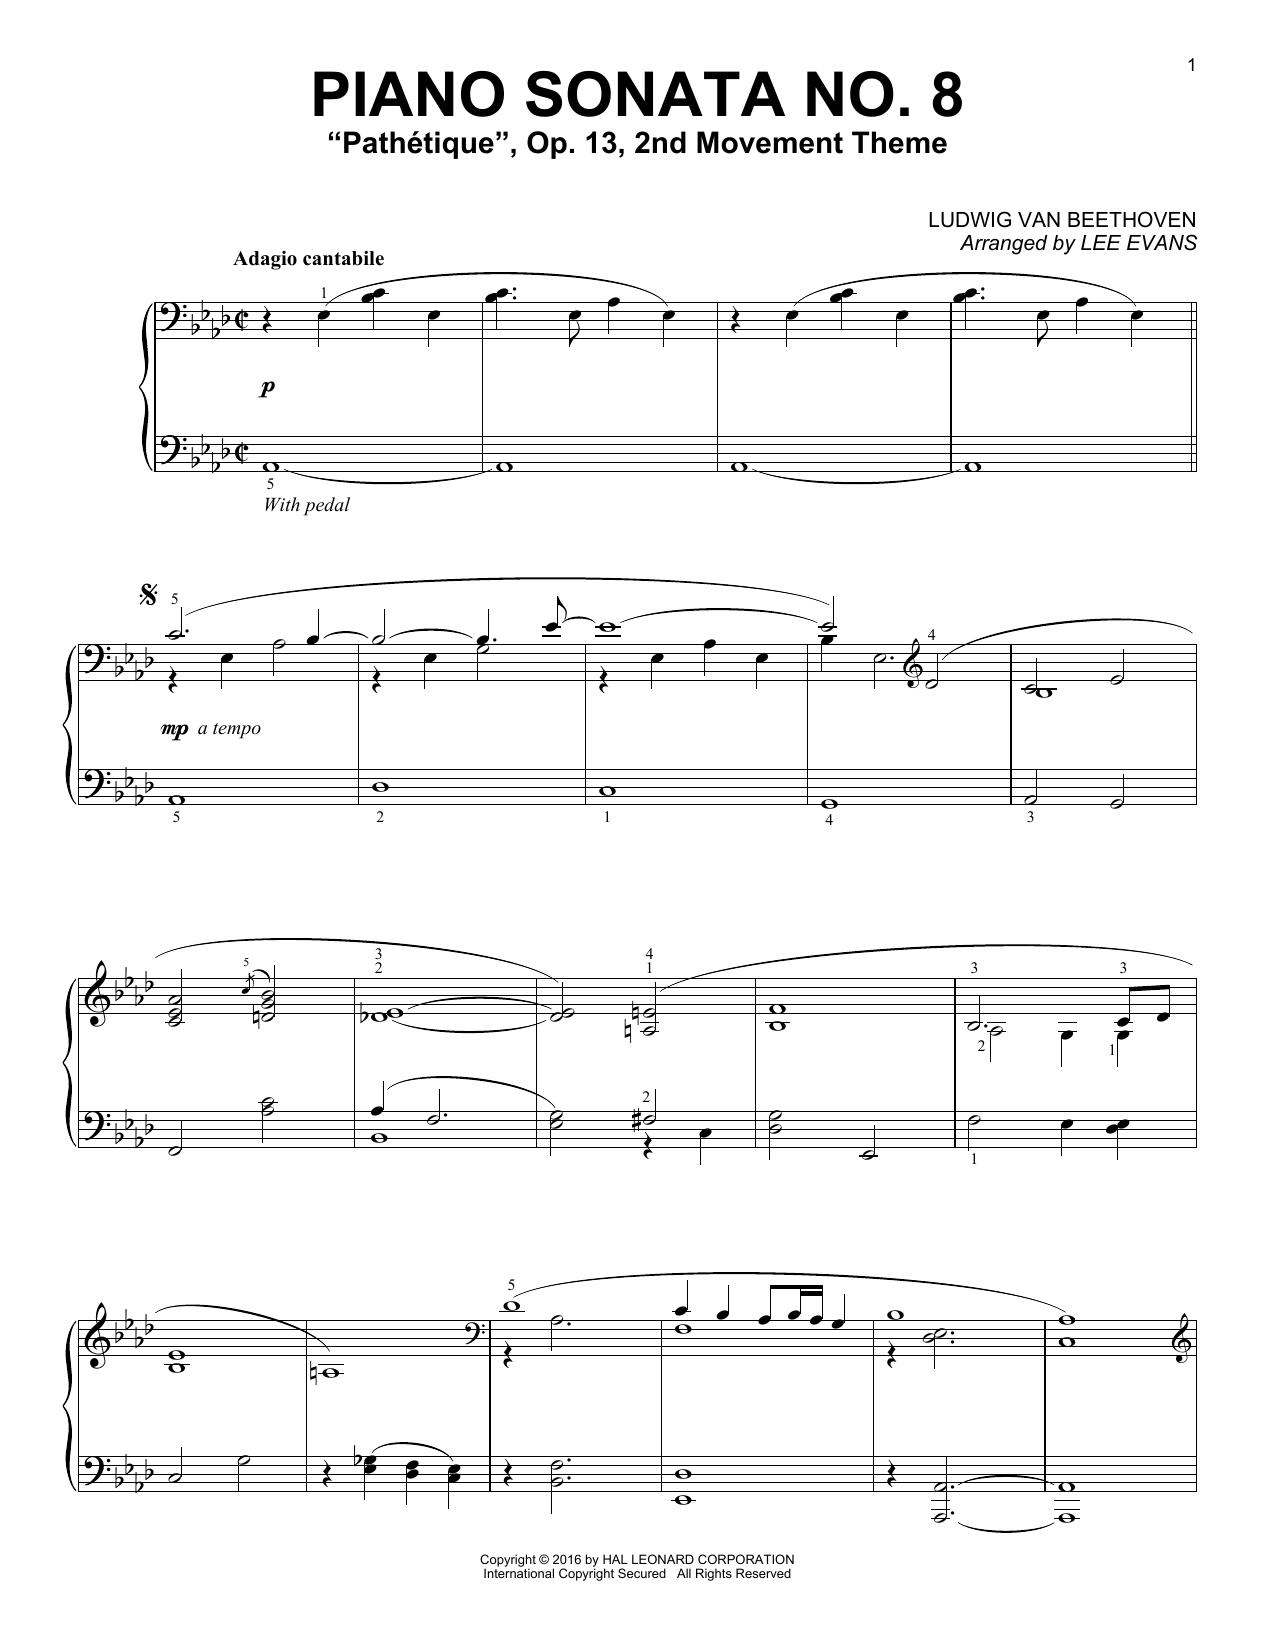 Lee Evans Piano Sonata No. 8, Op. 13 (